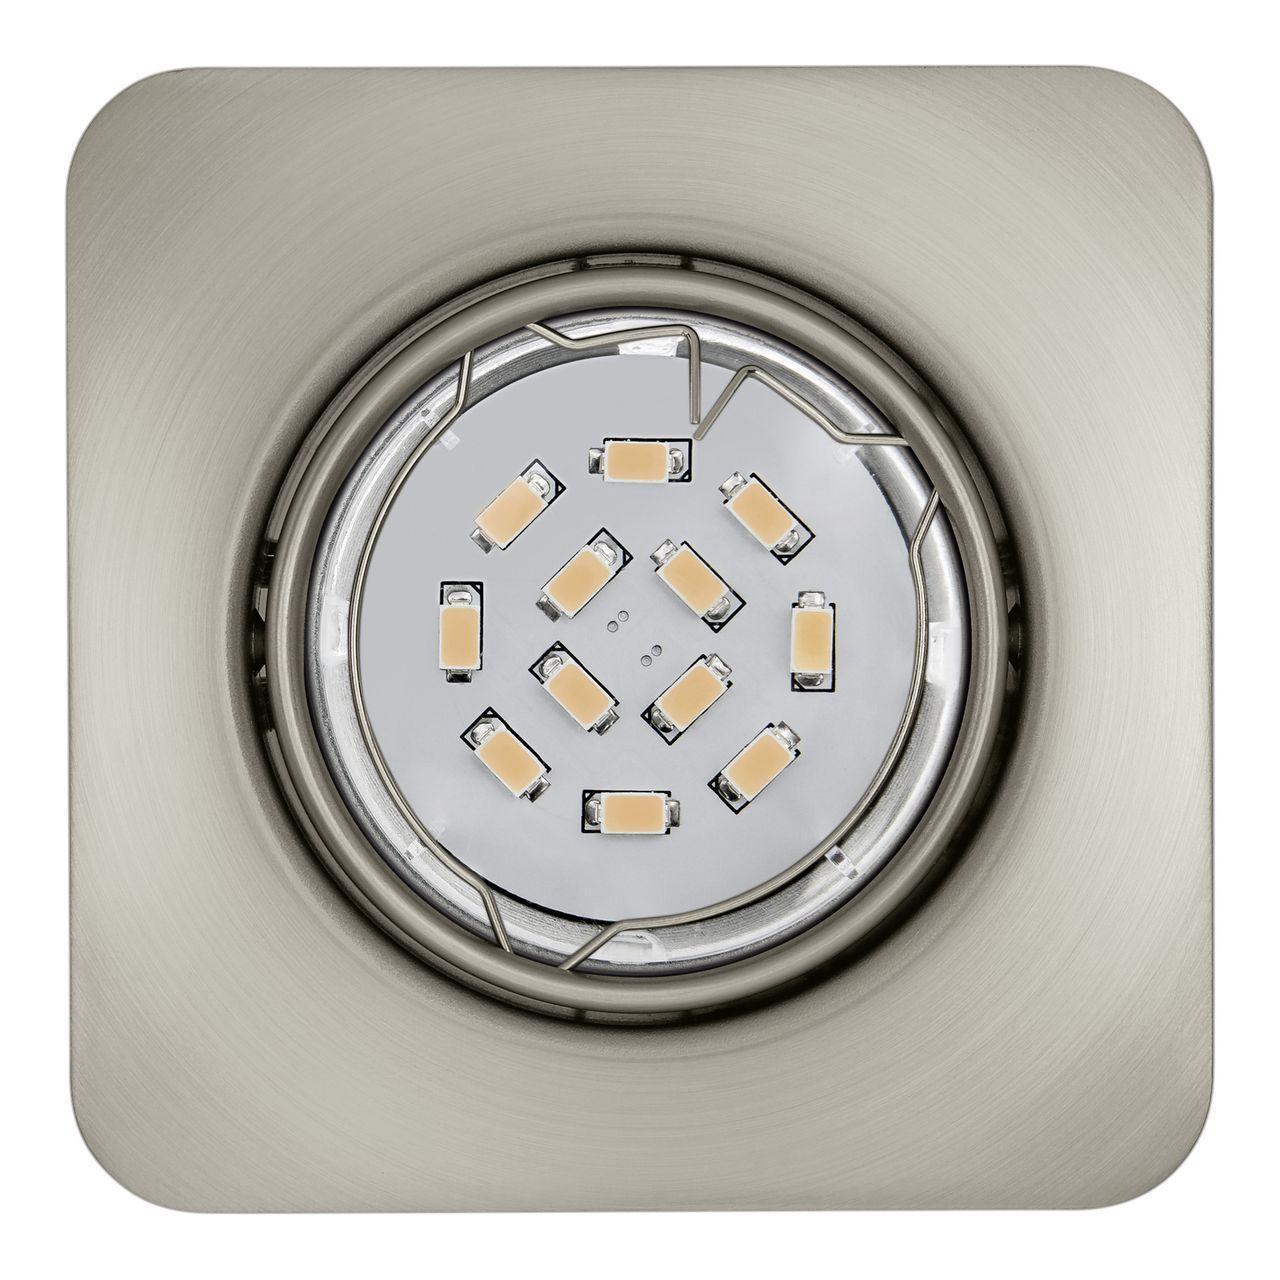 Встраиваемый светильник Eglo Peneto 94264 eglo встраиваемый светодиодный светильник eglo peneto 1 95894